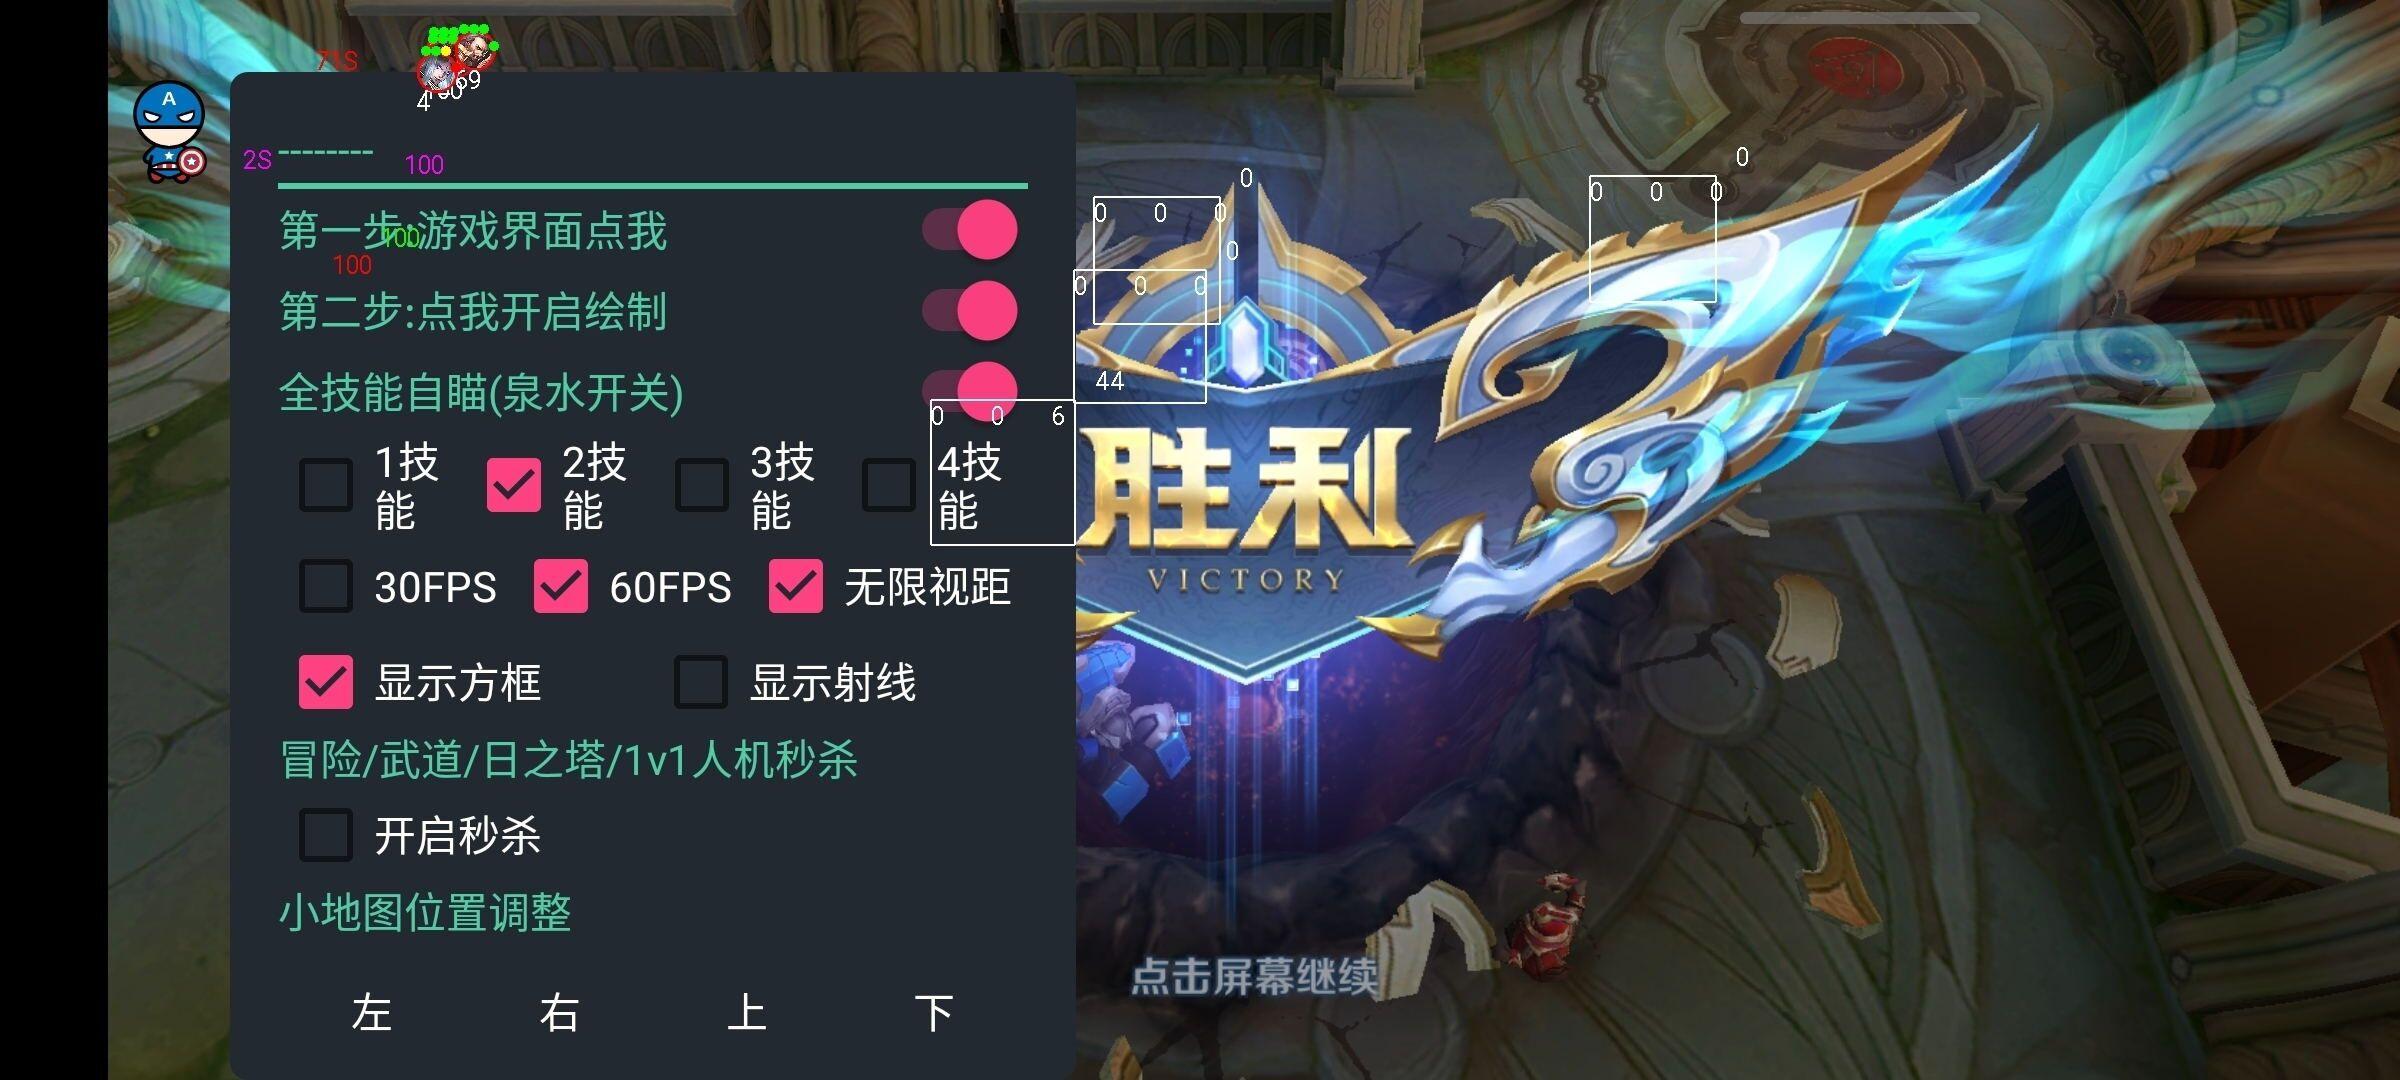 王者荣耀手游-BABA游戏助手v1.4全图透视/技能自瞄